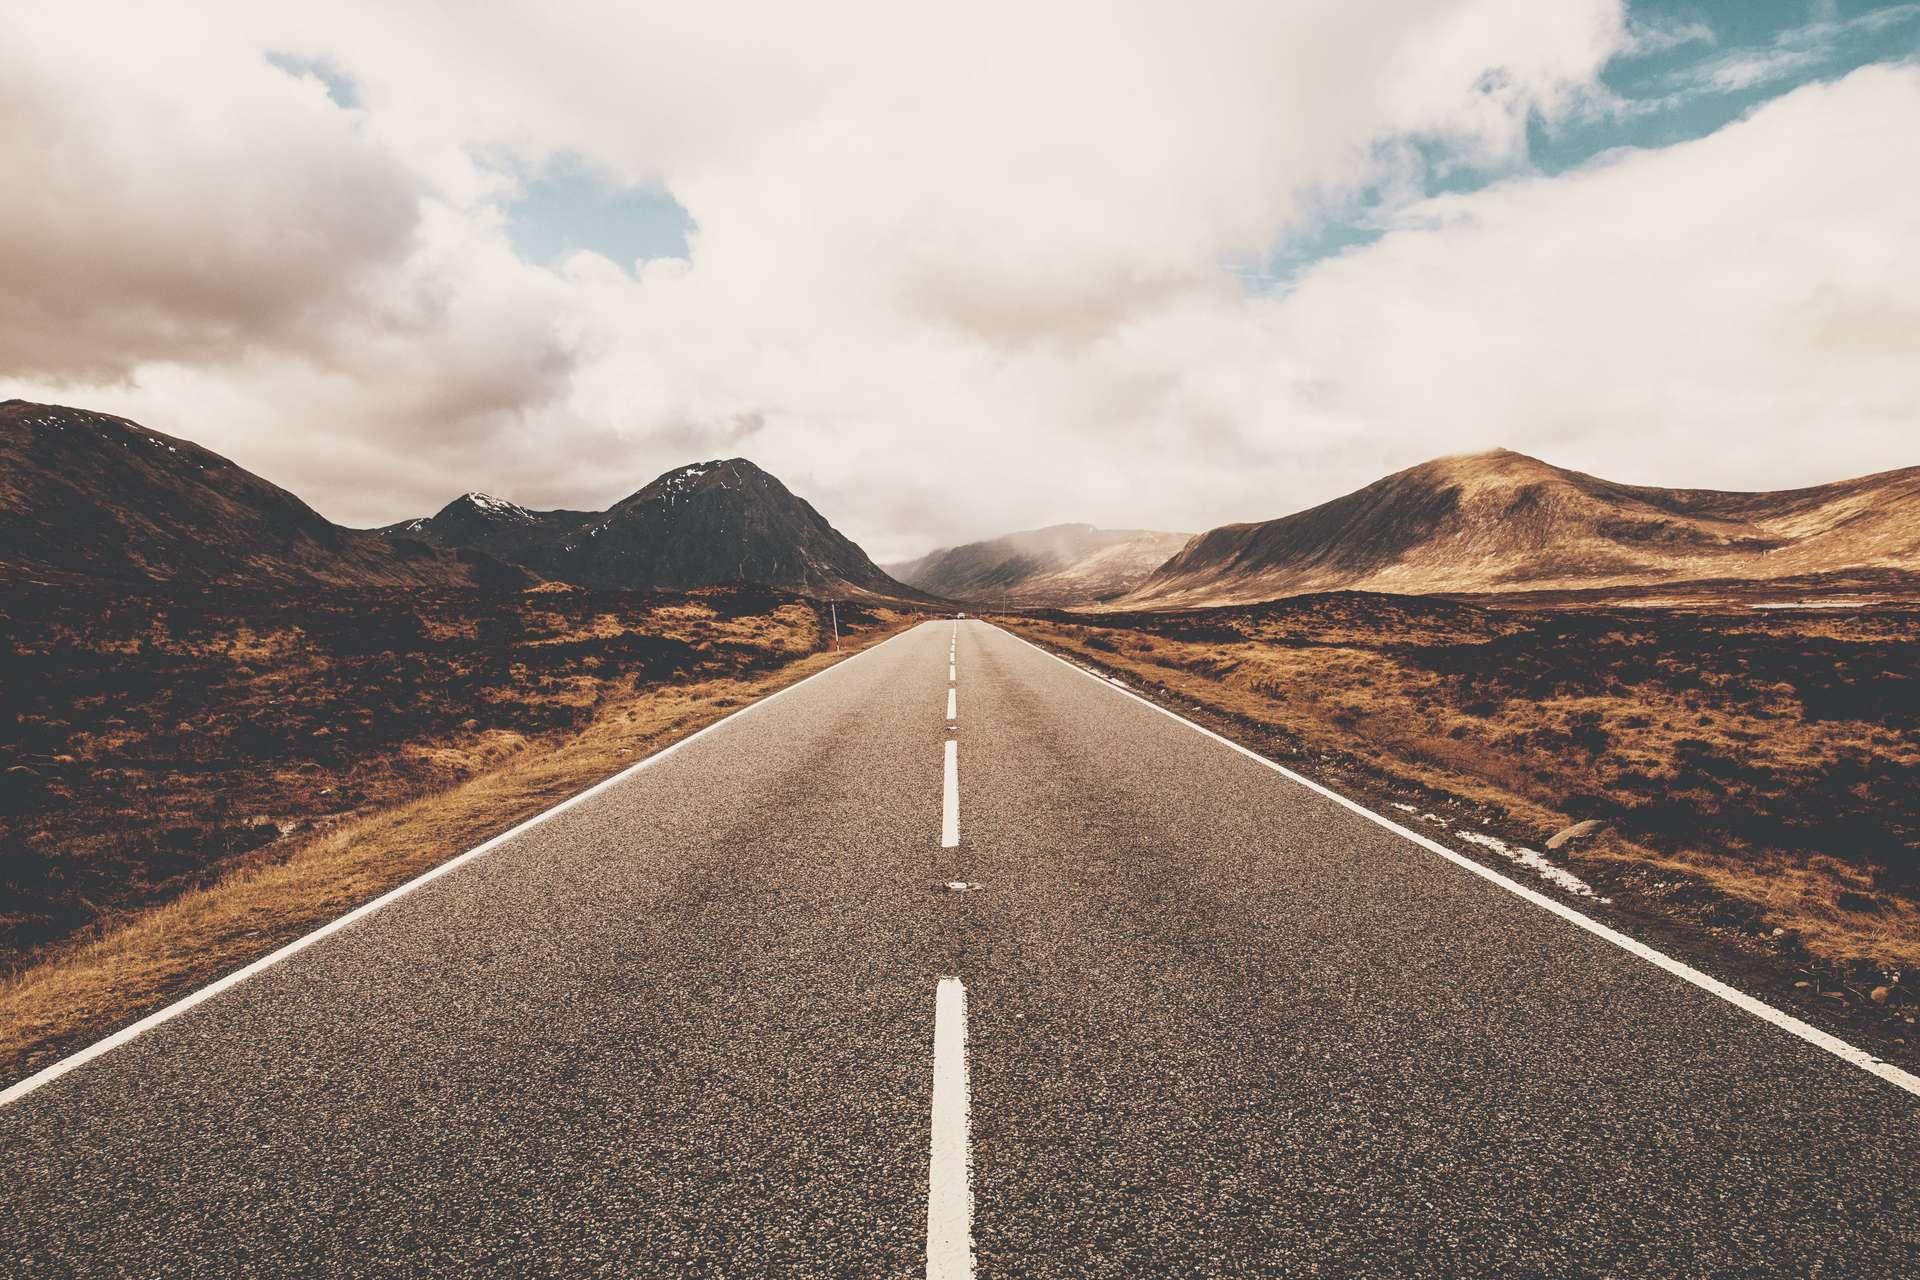 L'asphalte est un mélange de gravillons et d'un dérivé du pétrole, qui peut être utilisé en tant que revêtement routier. © Tom Eversley, Adobe Stock